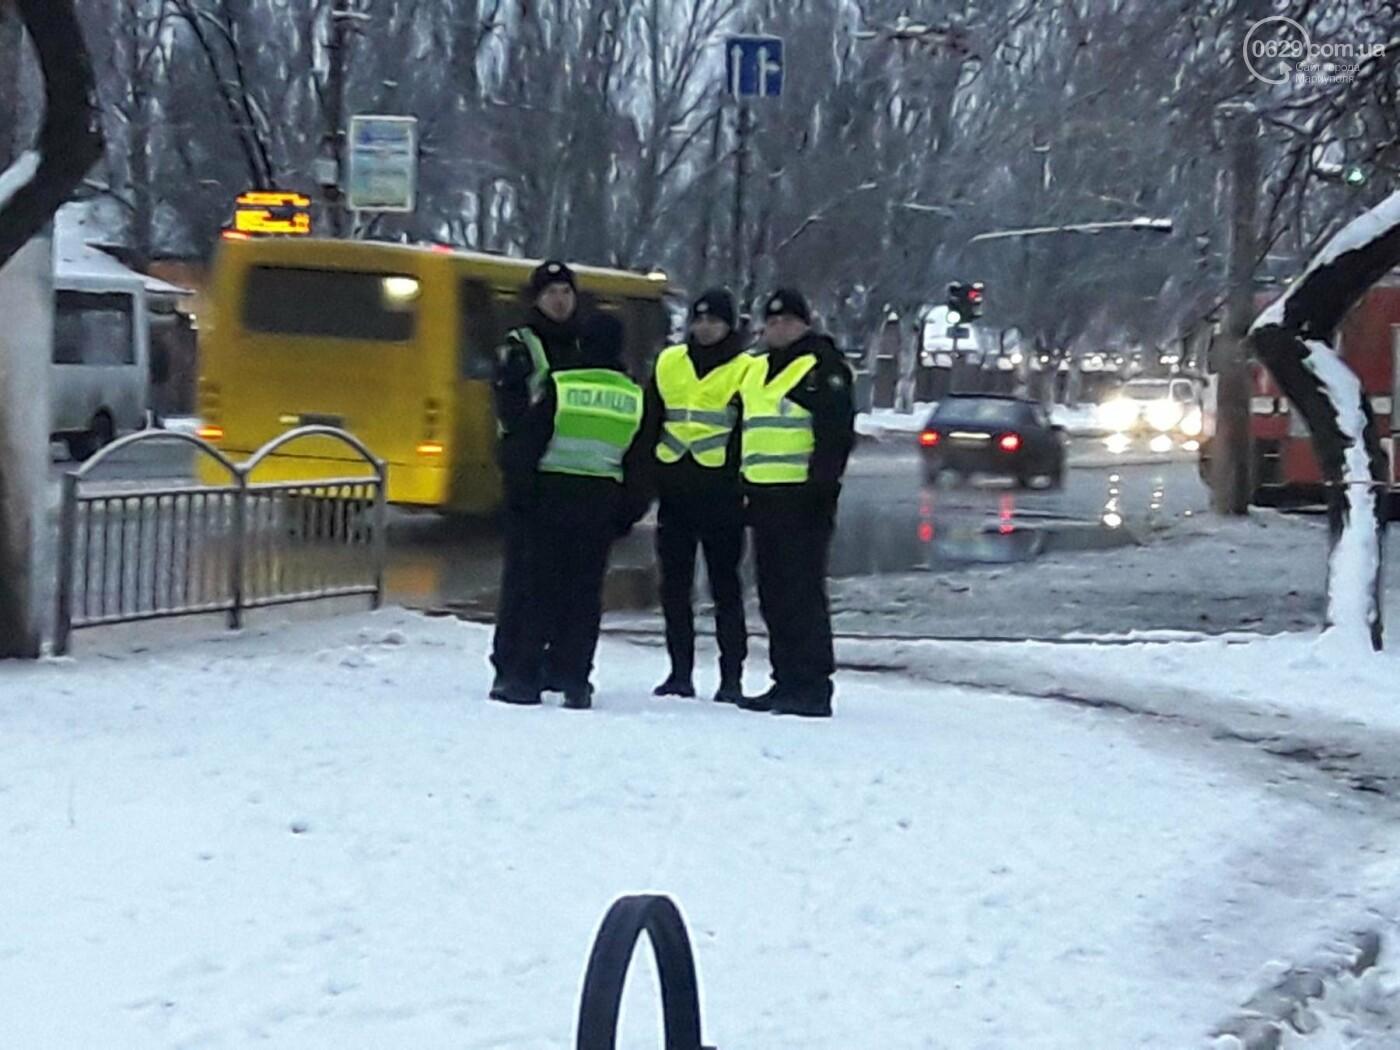 В Мариуполе на площади Кирова обнаружен опасный чемодан. Работают саперы (ФОТО), фото-1